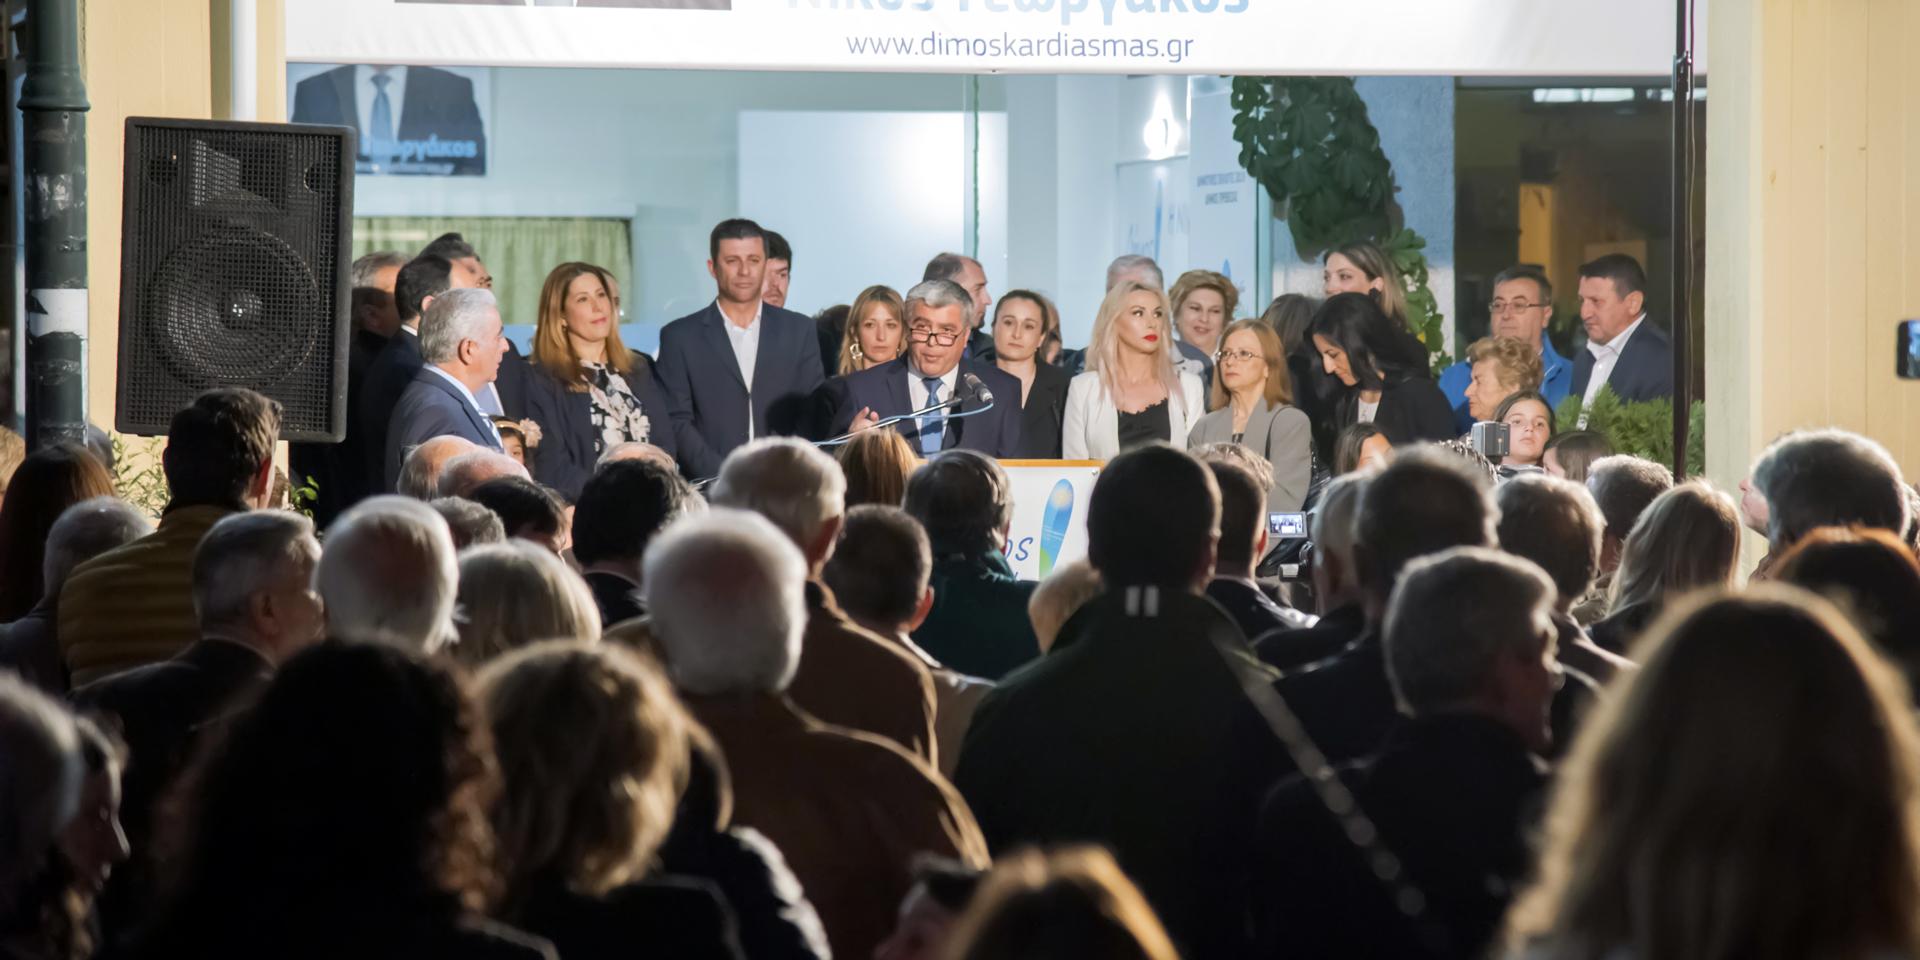 Χαιρετισμός του Υποψήφιου Δημάρχου Πρέβεζας Νίκου Γεωργάκου στον Αγιασμό του Εκλογικού Κέντρου